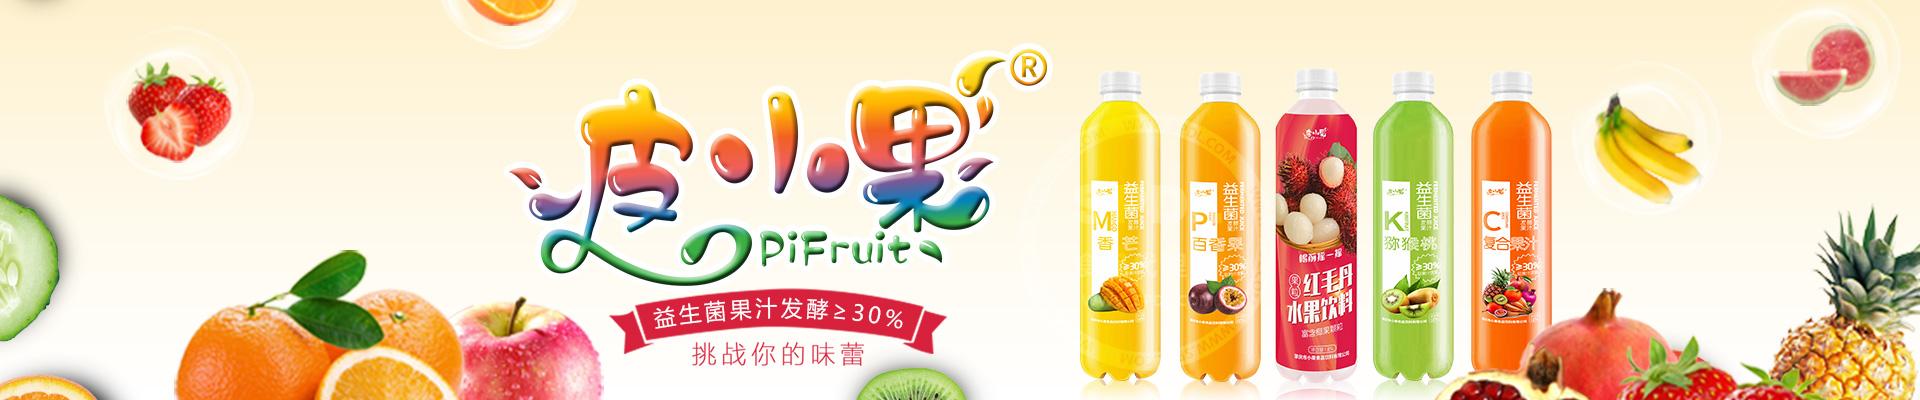 肇庆市小果食品饮料有限公司